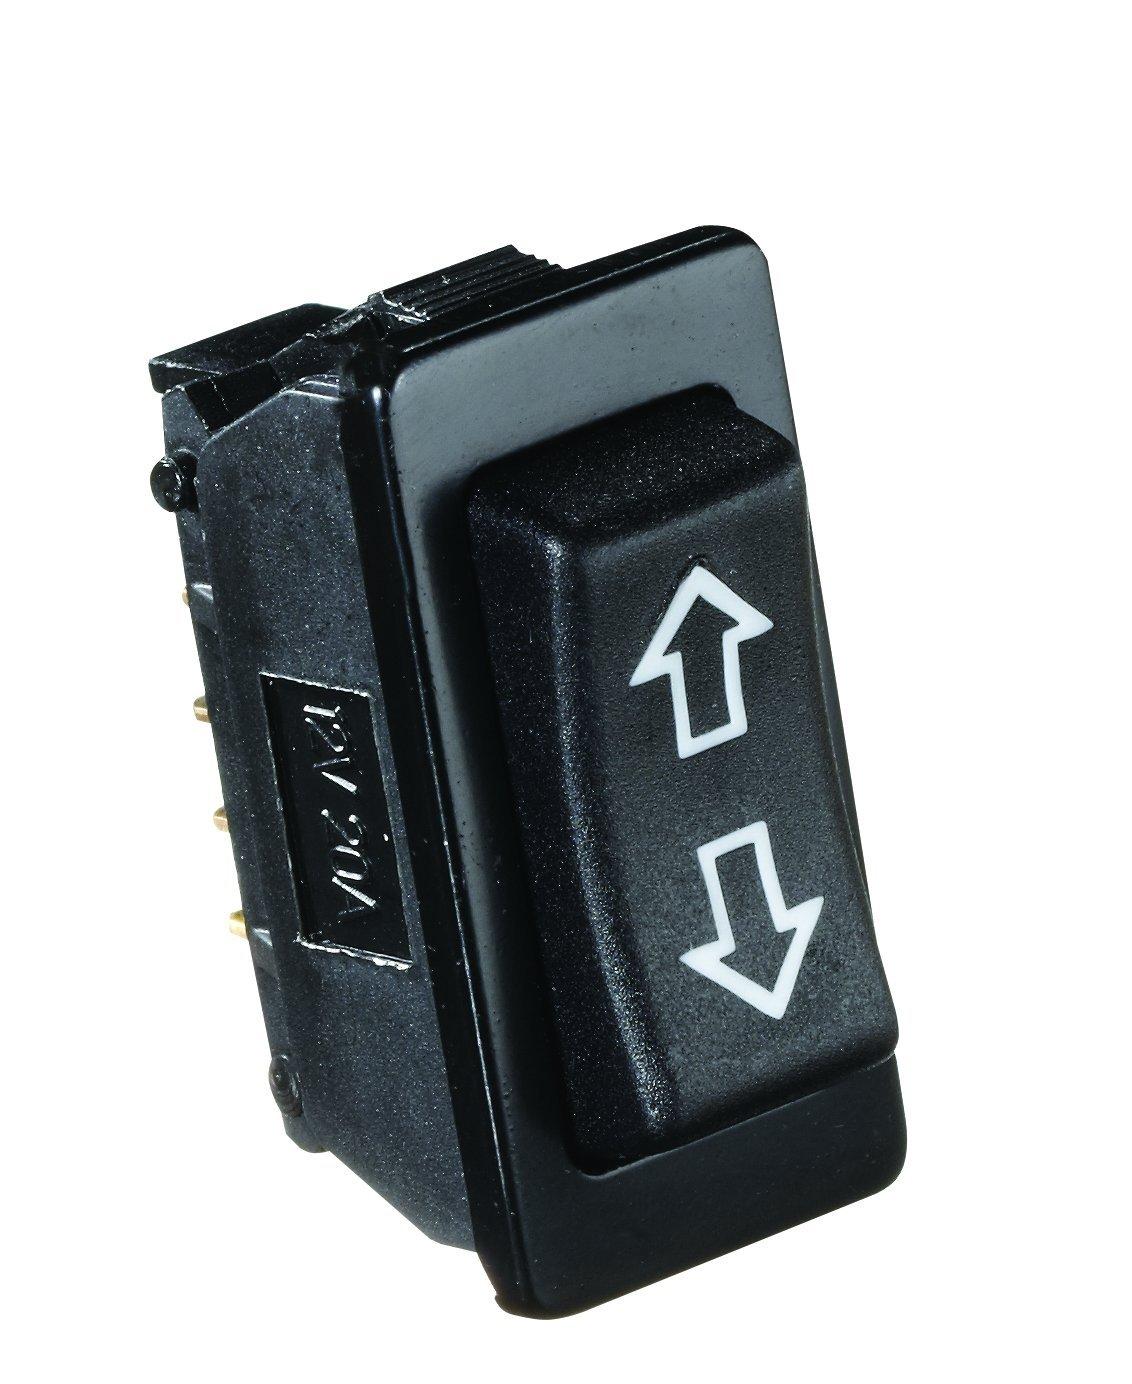 RV Designer S125, Rocker Switch, 20 Amp Continuous, 40 Amp Peak, Black